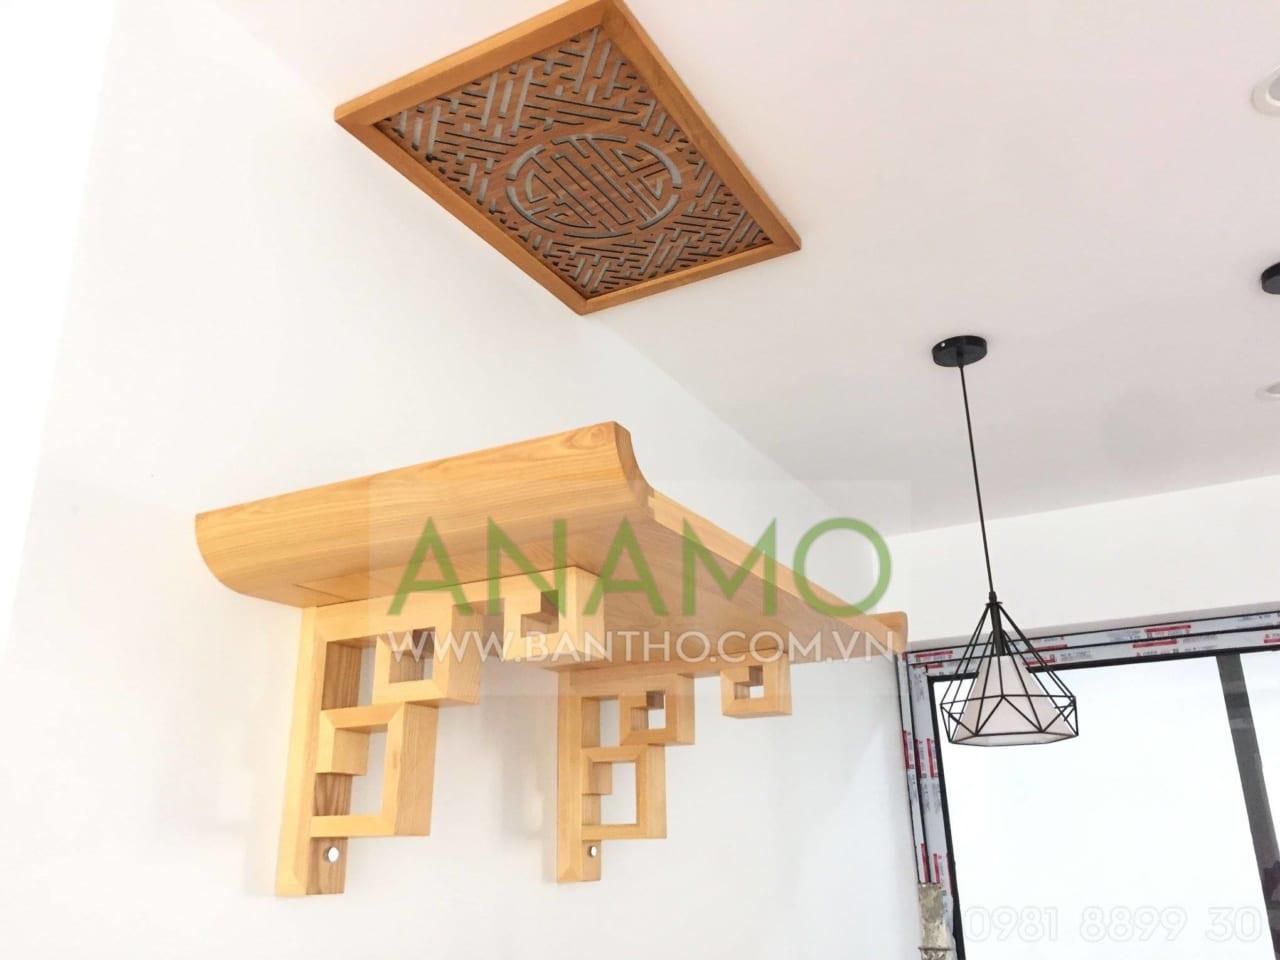 Có thể chọn mẫu bàn thờ treo cho nhà chung cư với kích thước nhỏ gọn